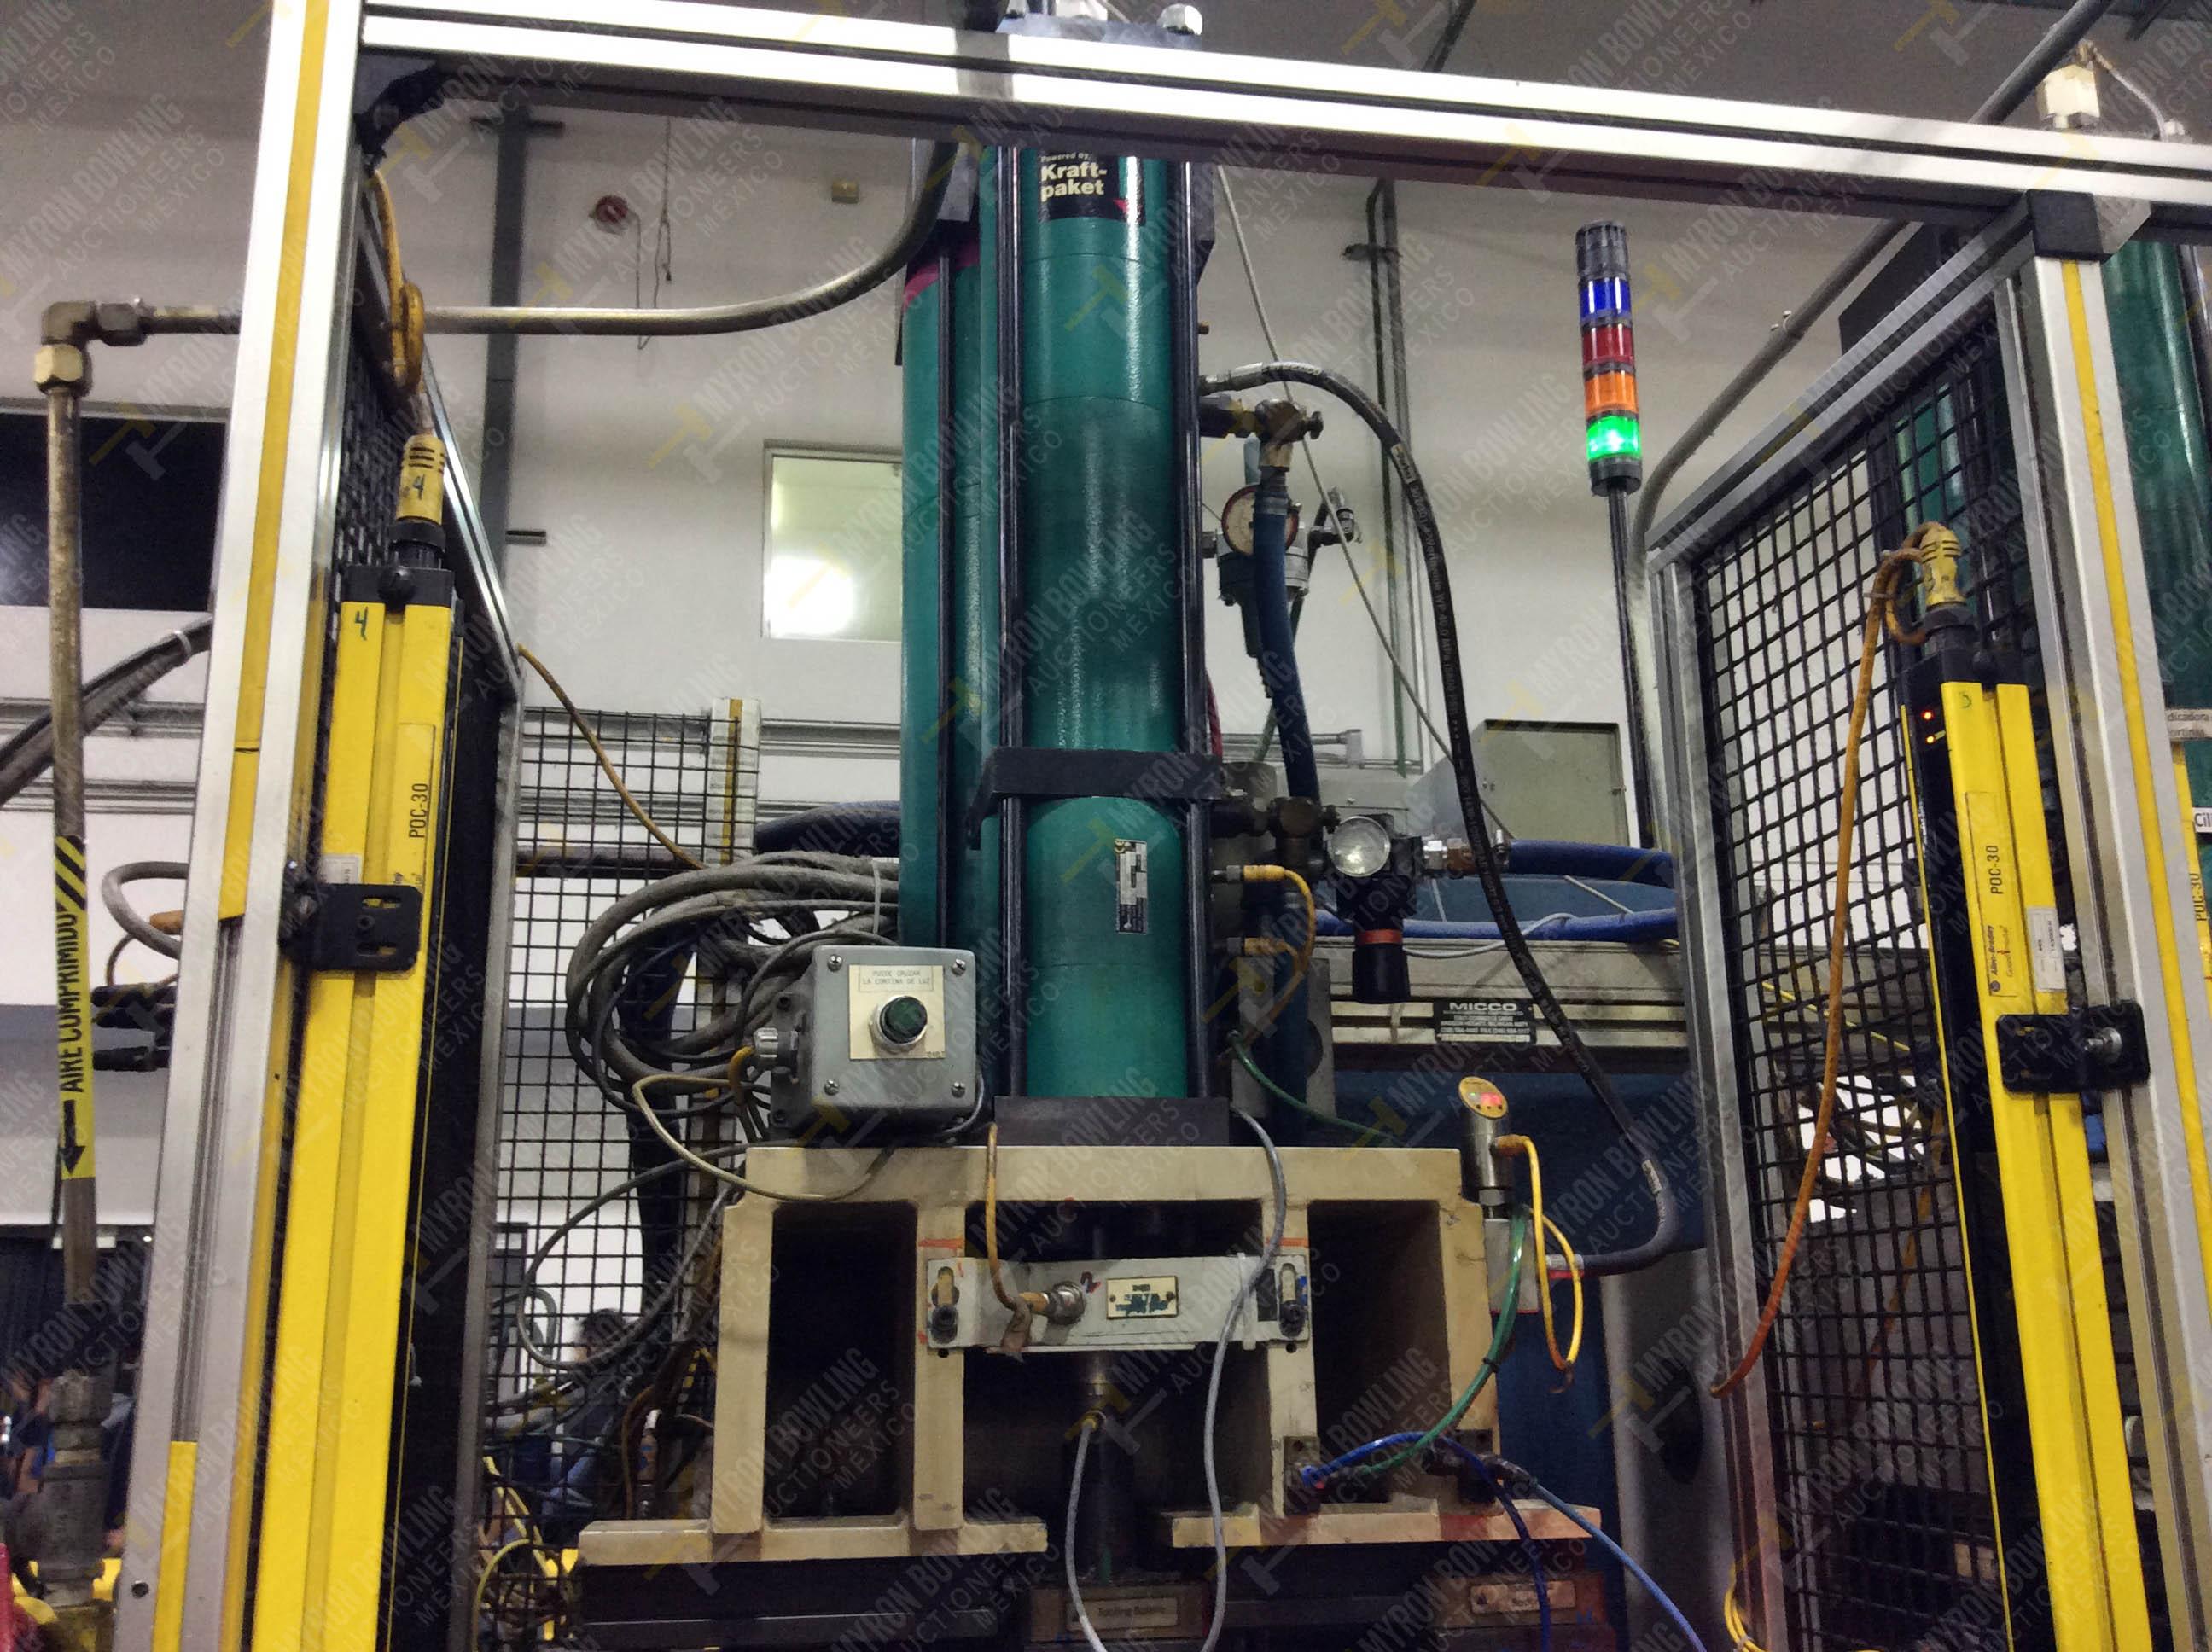 Estación semiautomática para operación 240A de ensamble de balero - Image 7 of 29